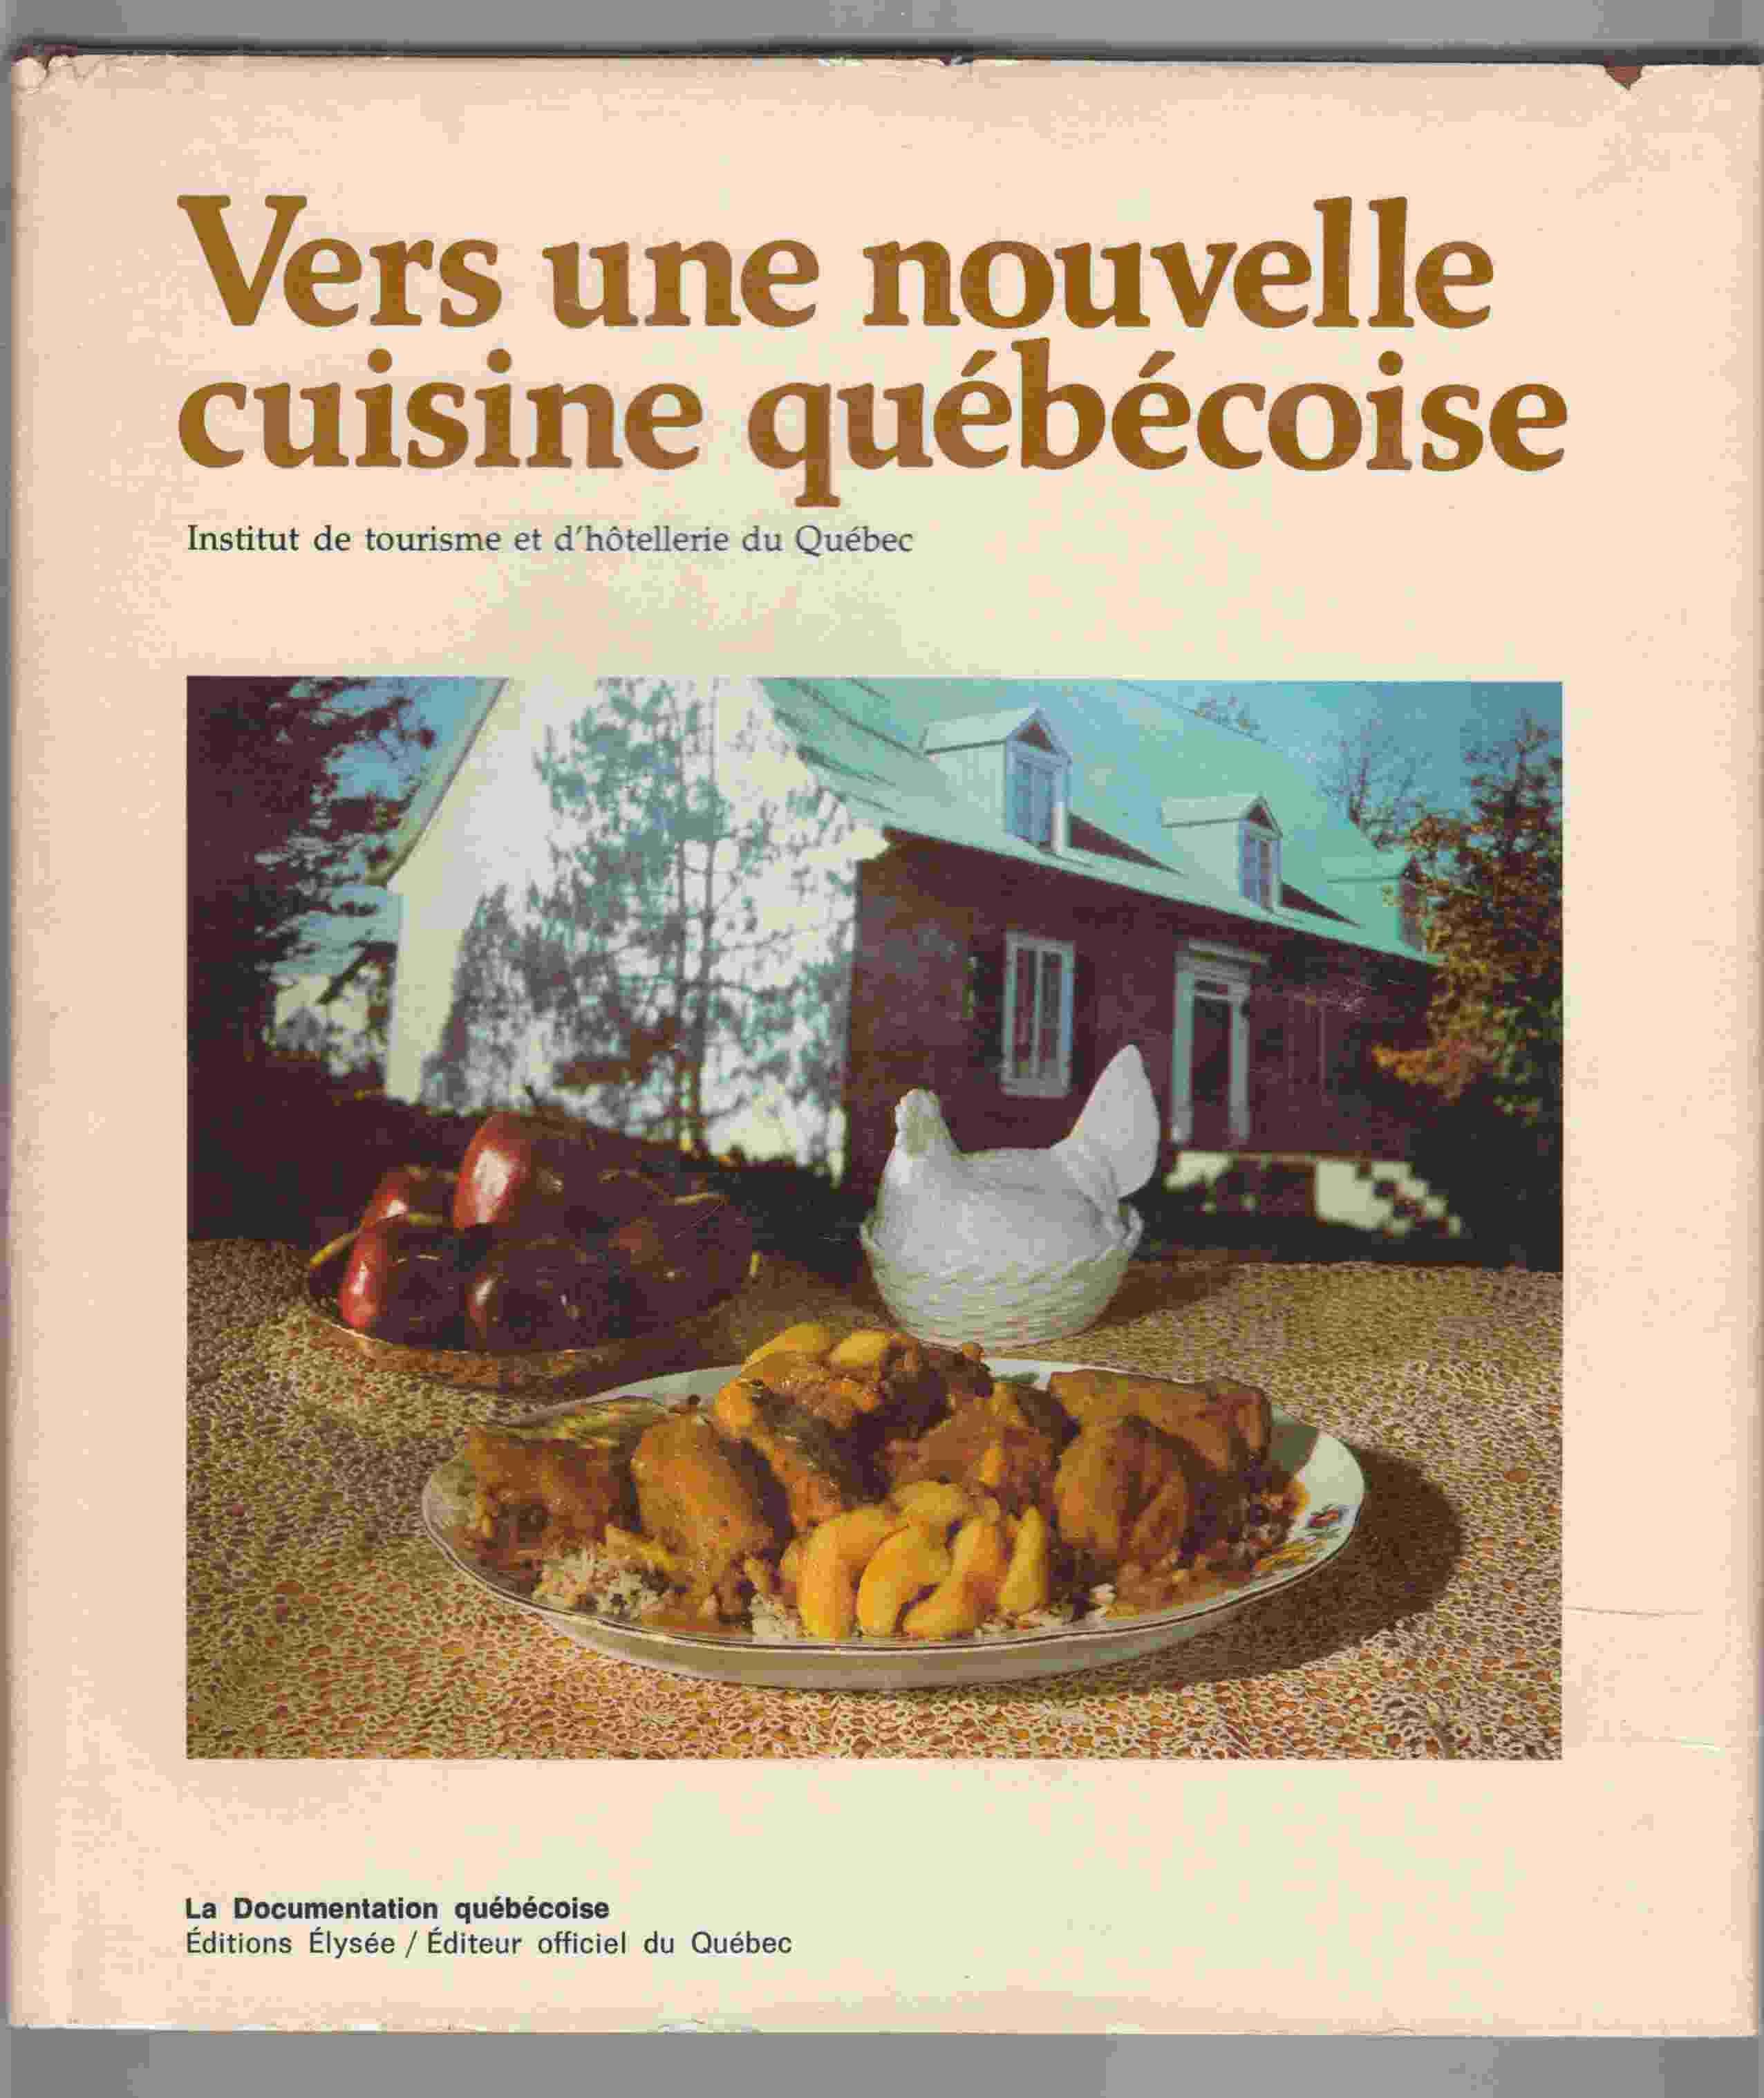 Vers une nouvell cuisine quebecoise by institut de for Cuisine quebecoise